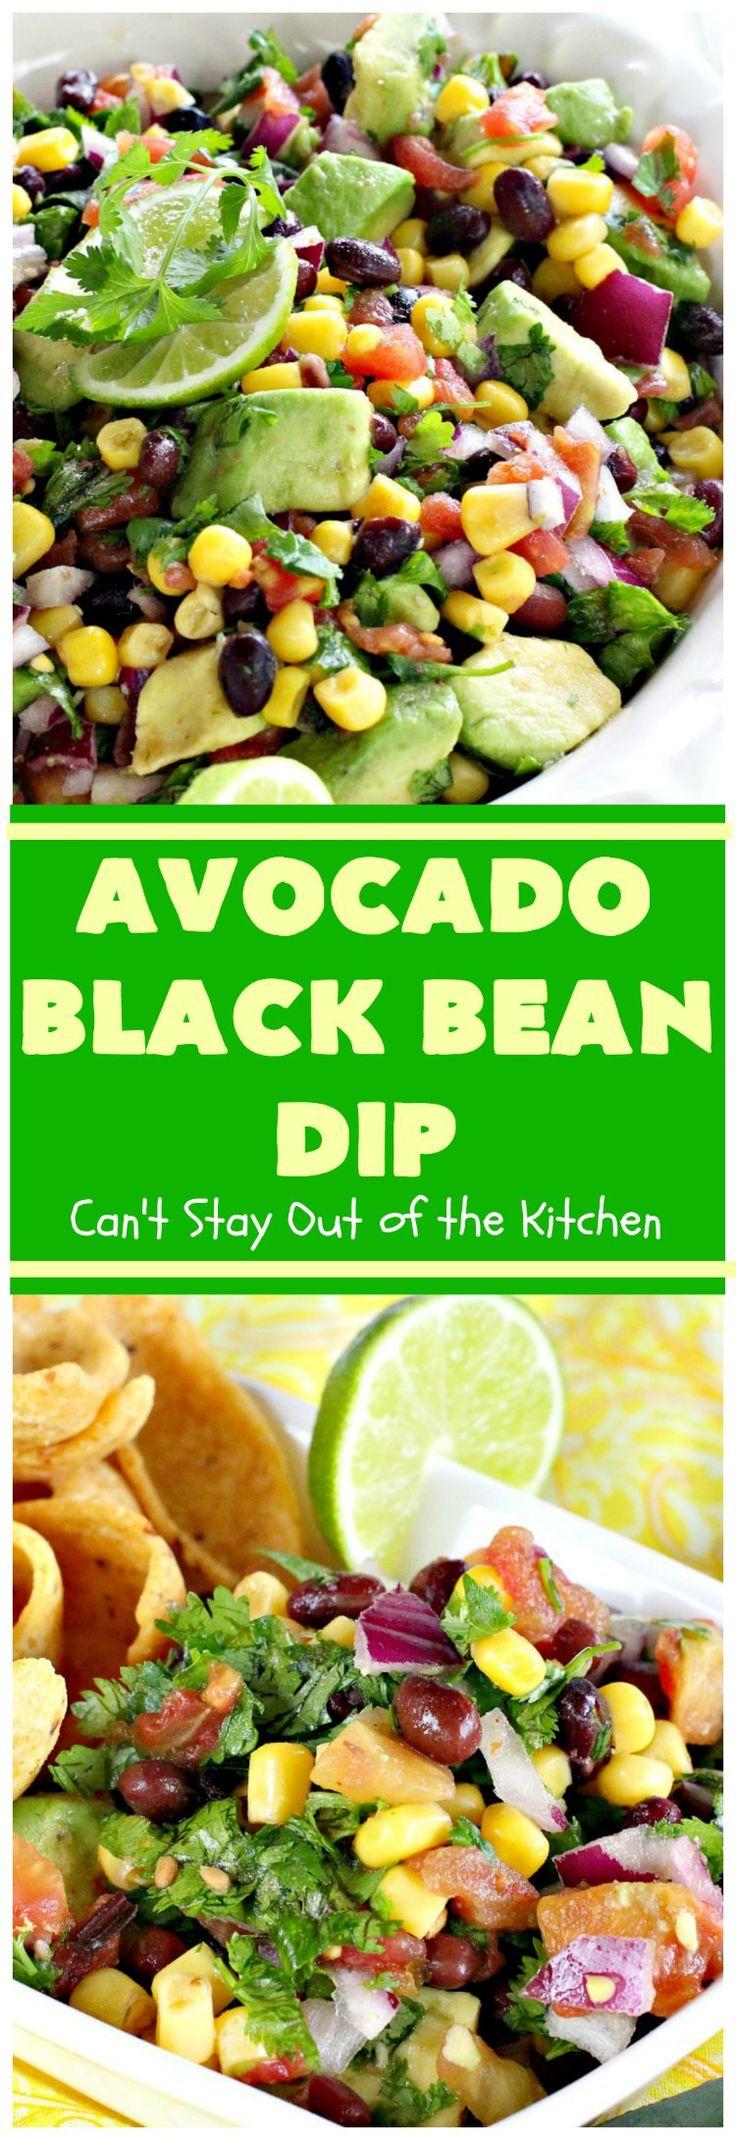 Avocado Black Bean Dip